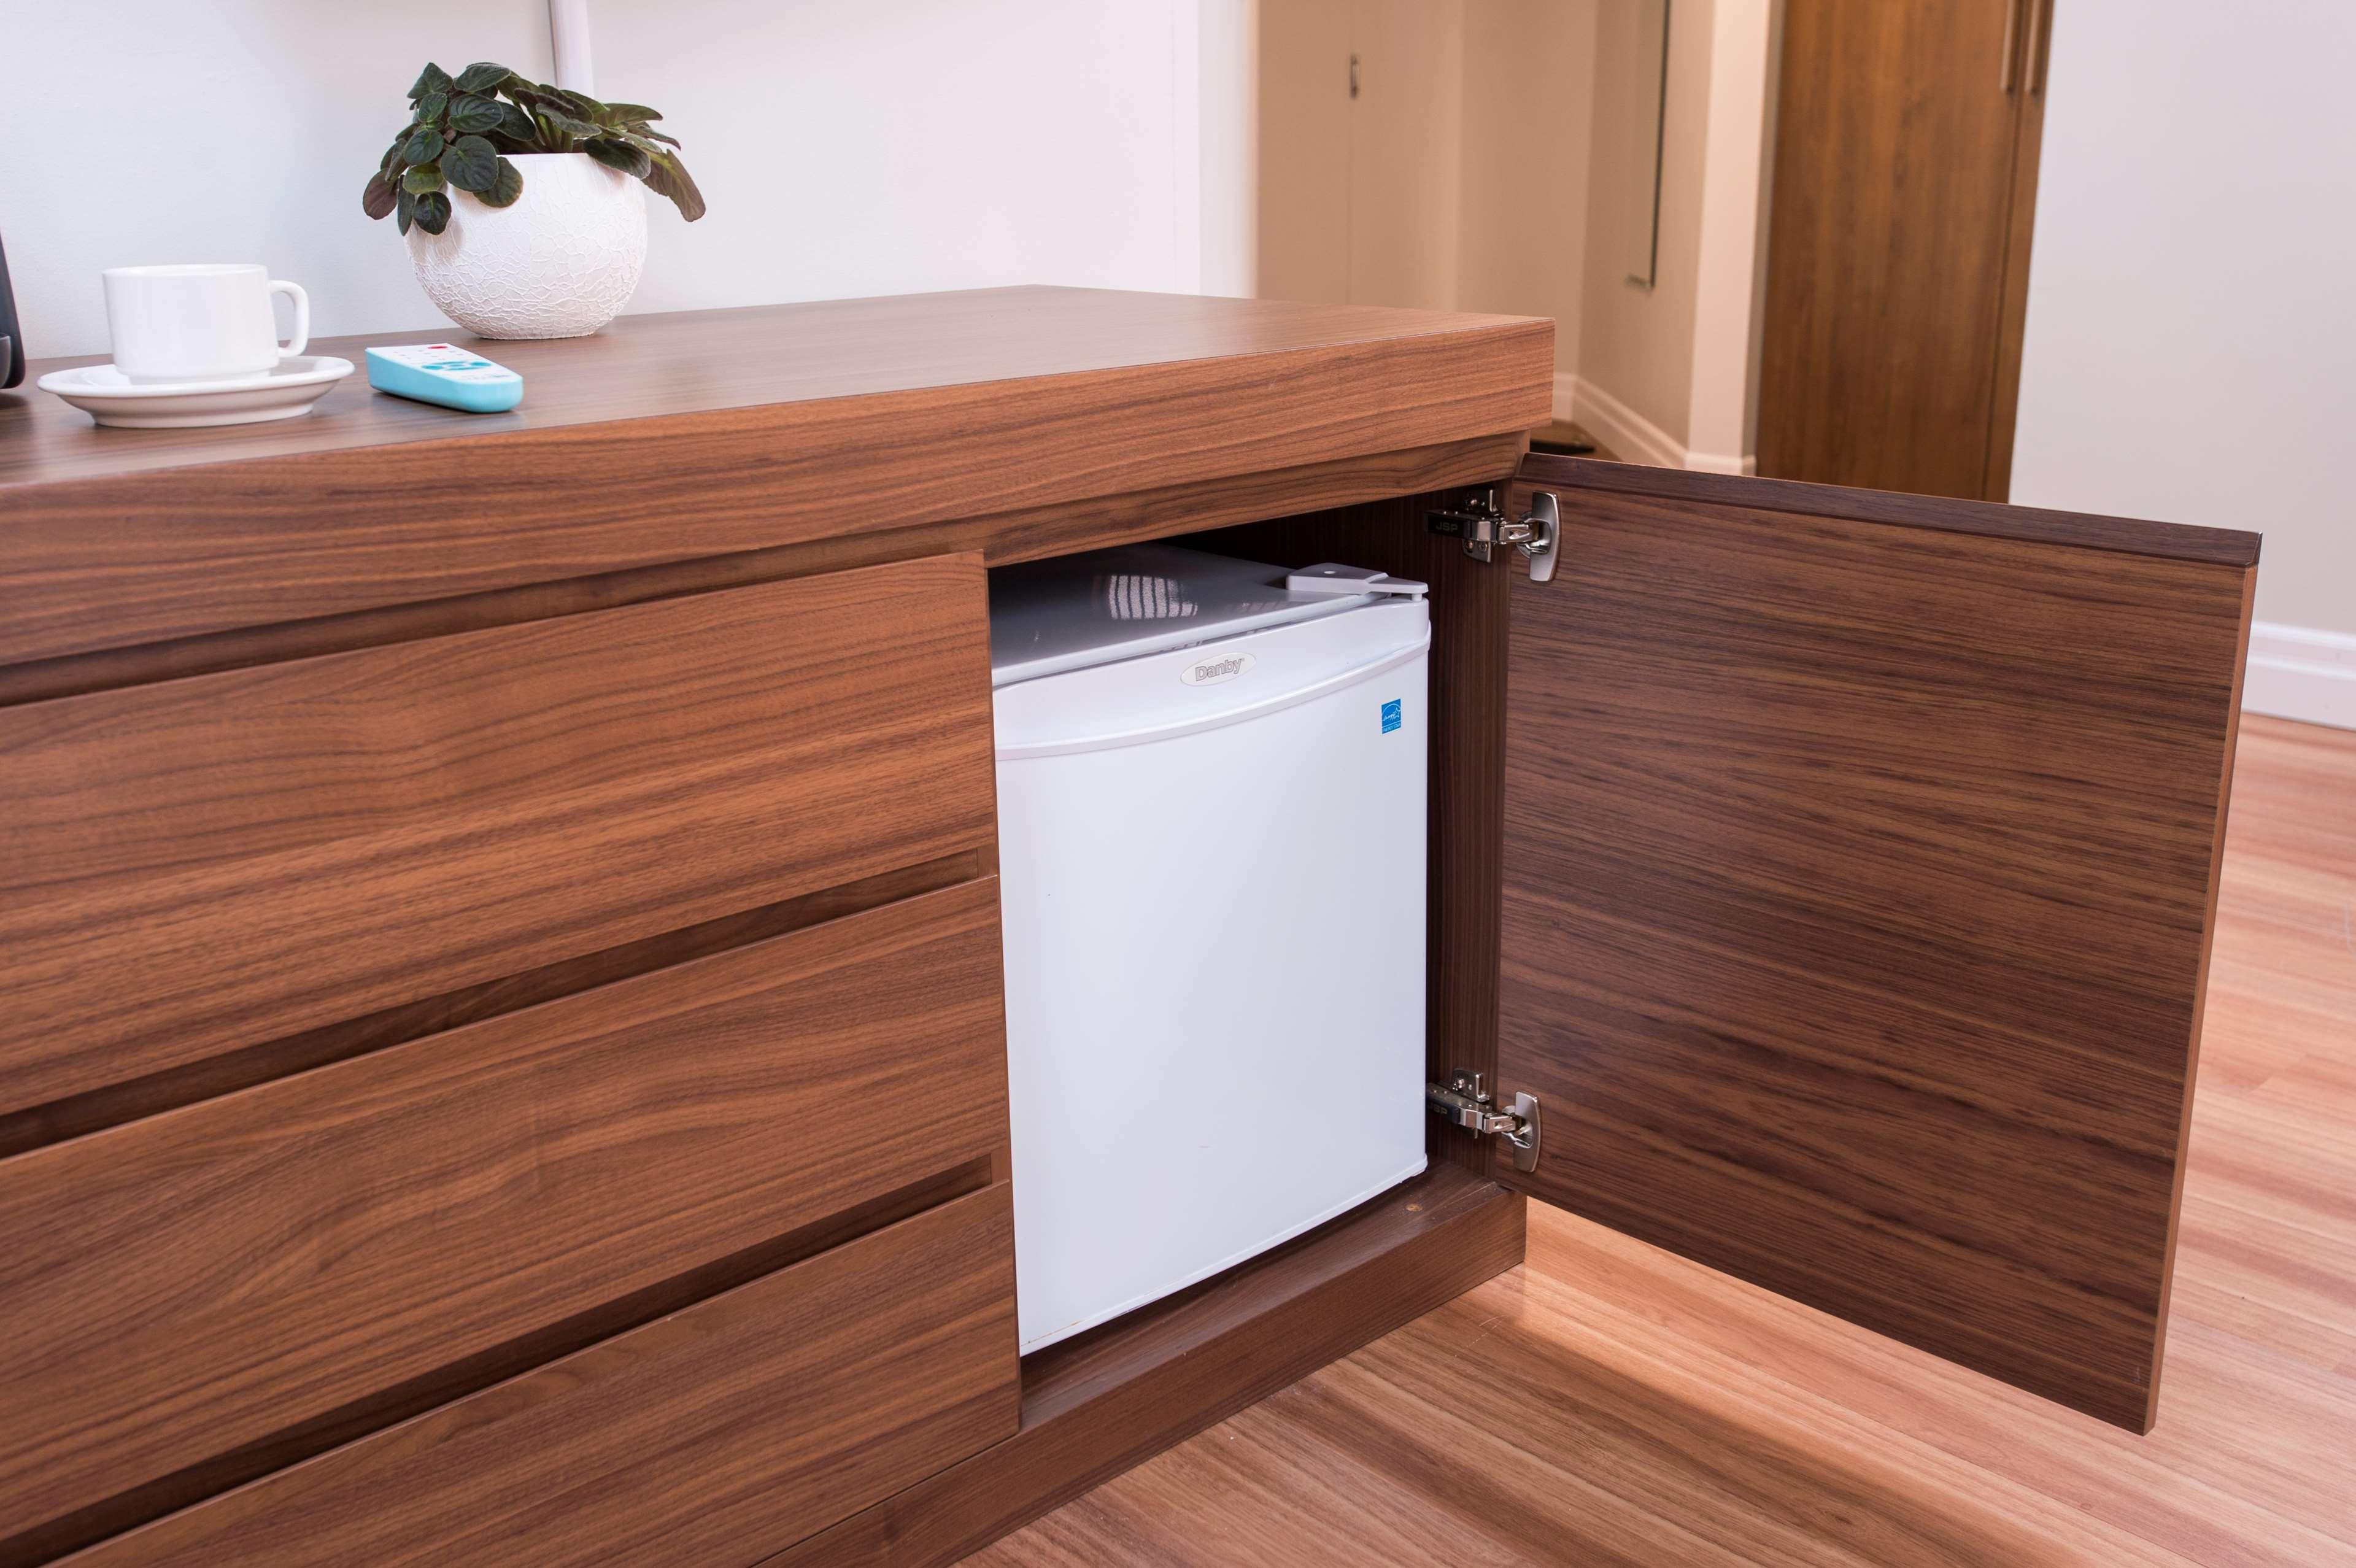 Best Western Plus Hotel Albert Rouyn-Noranda à Rouyn-Noranda: Mini refrigerator